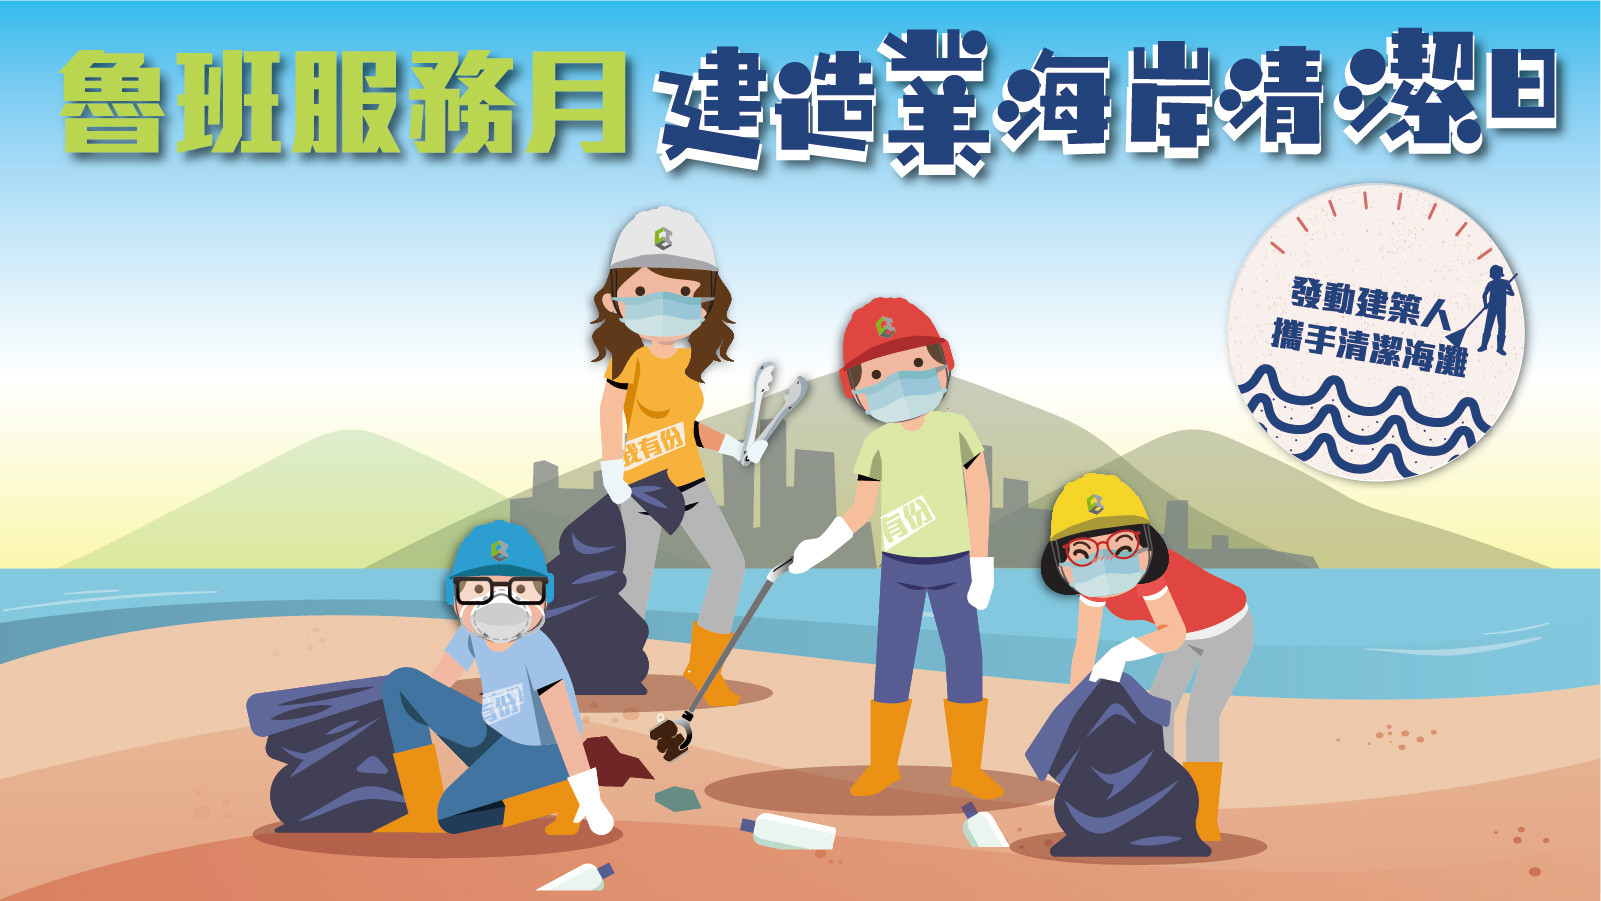 [義工] 魯班服務月2020 - 建造業海岸清潔日